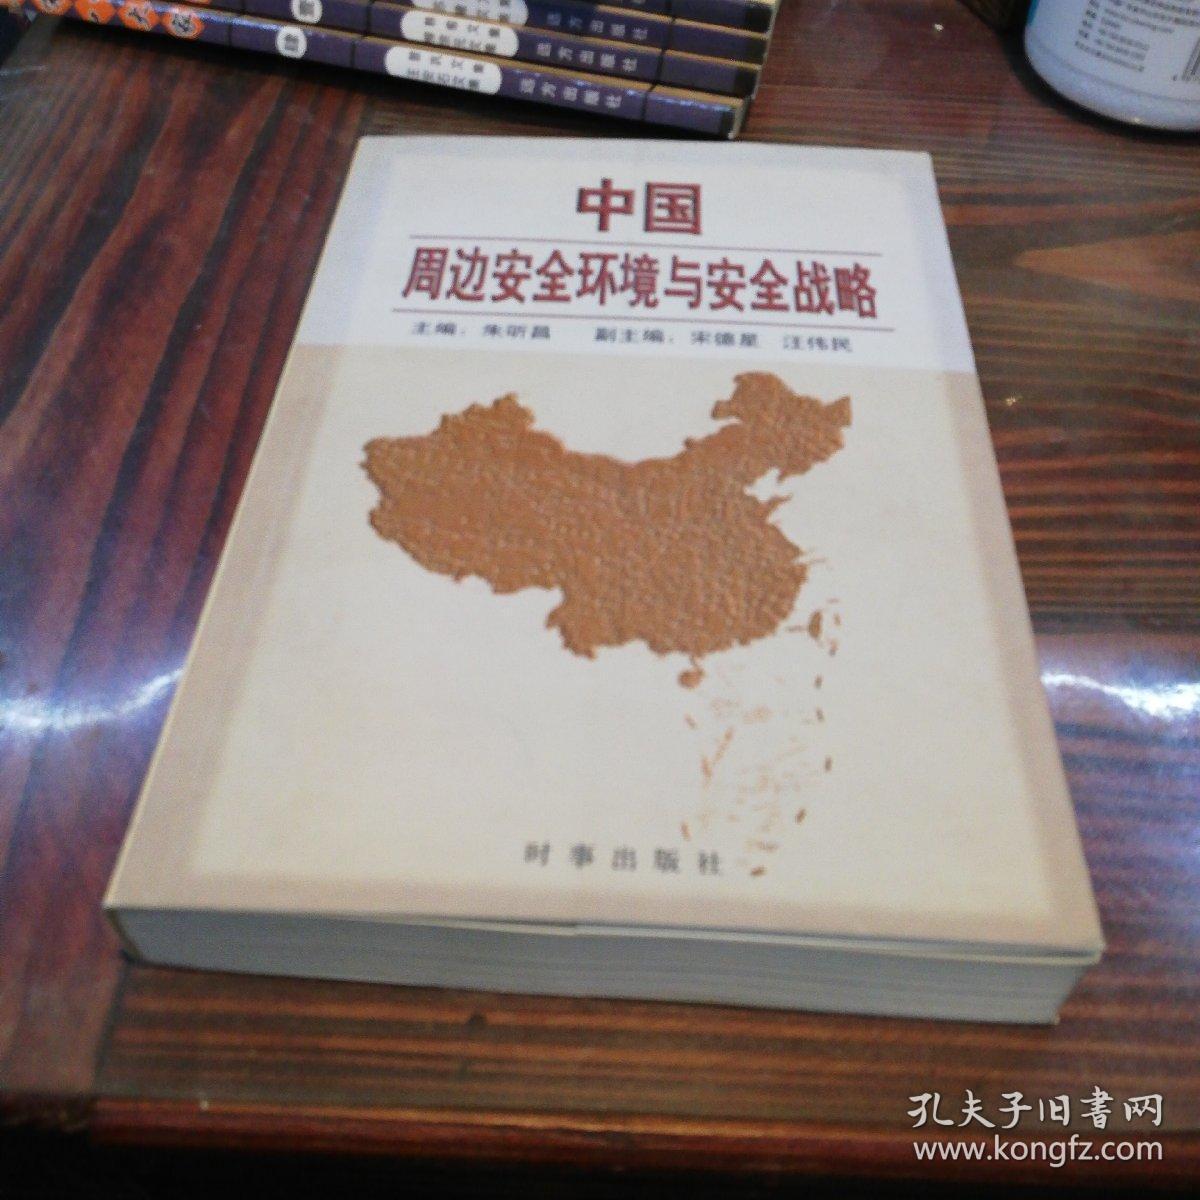 中国周边安全环境与安全战略